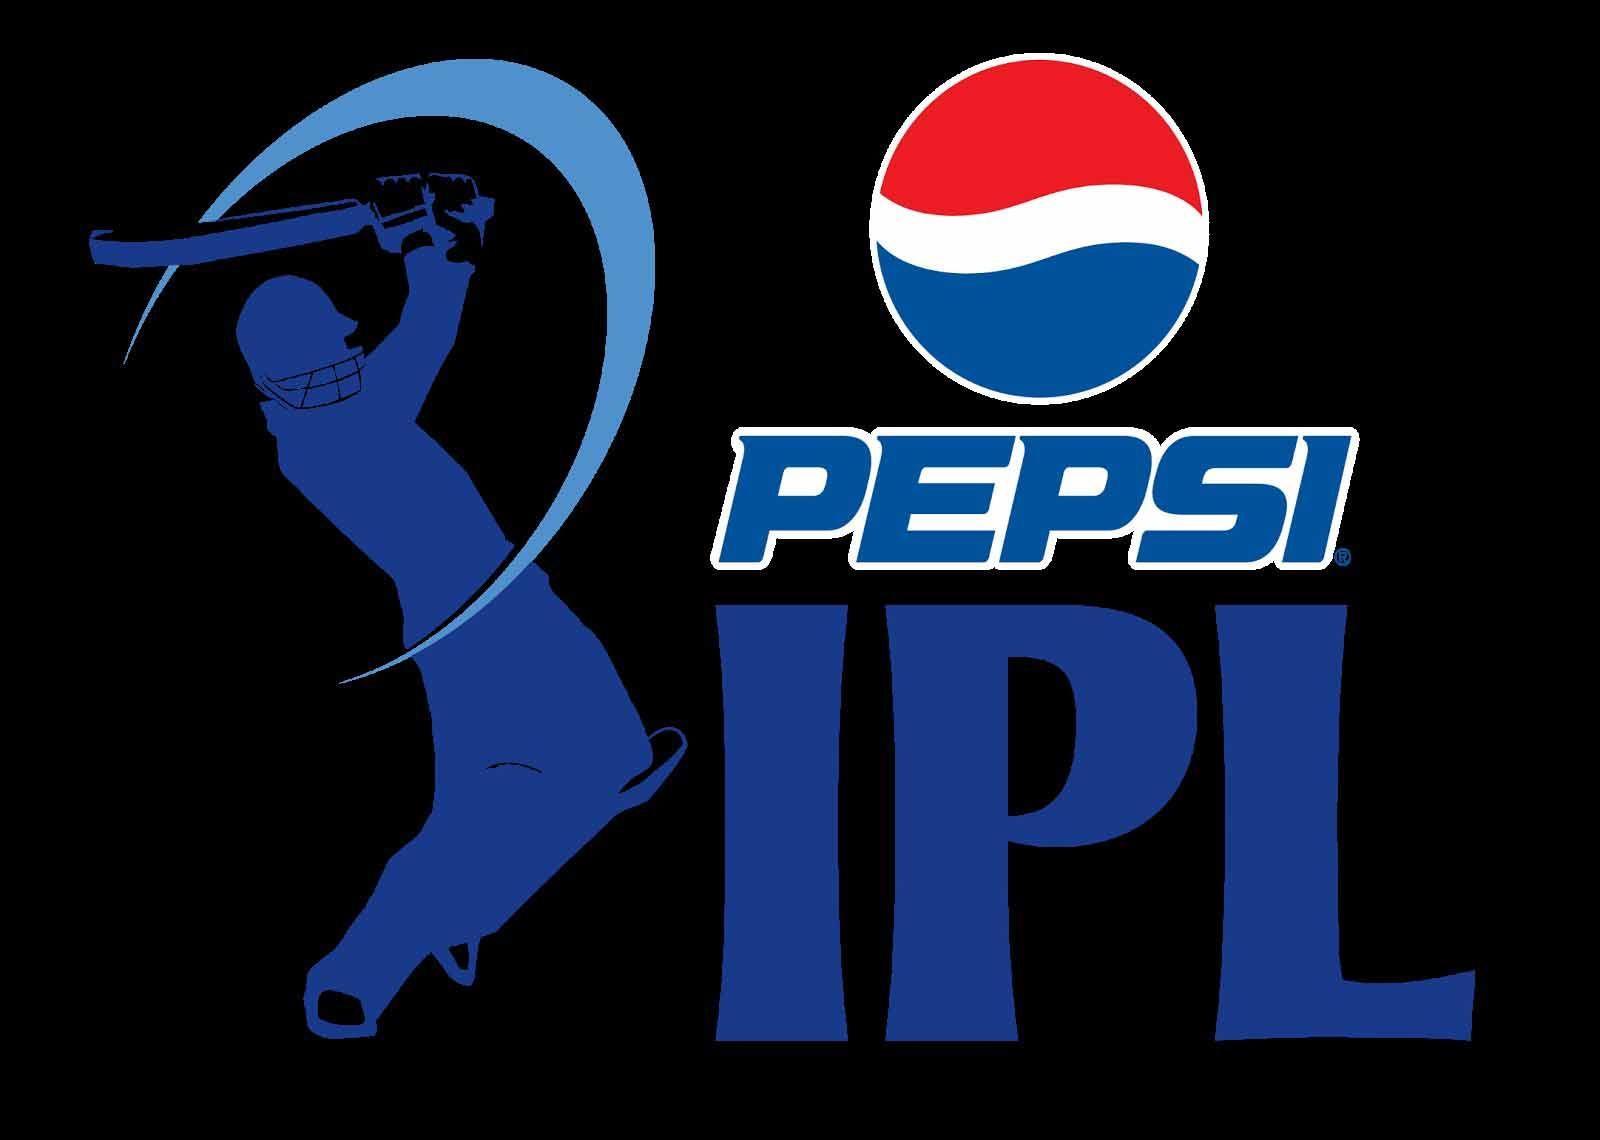 indian premier league wallpapers wallpaper cave